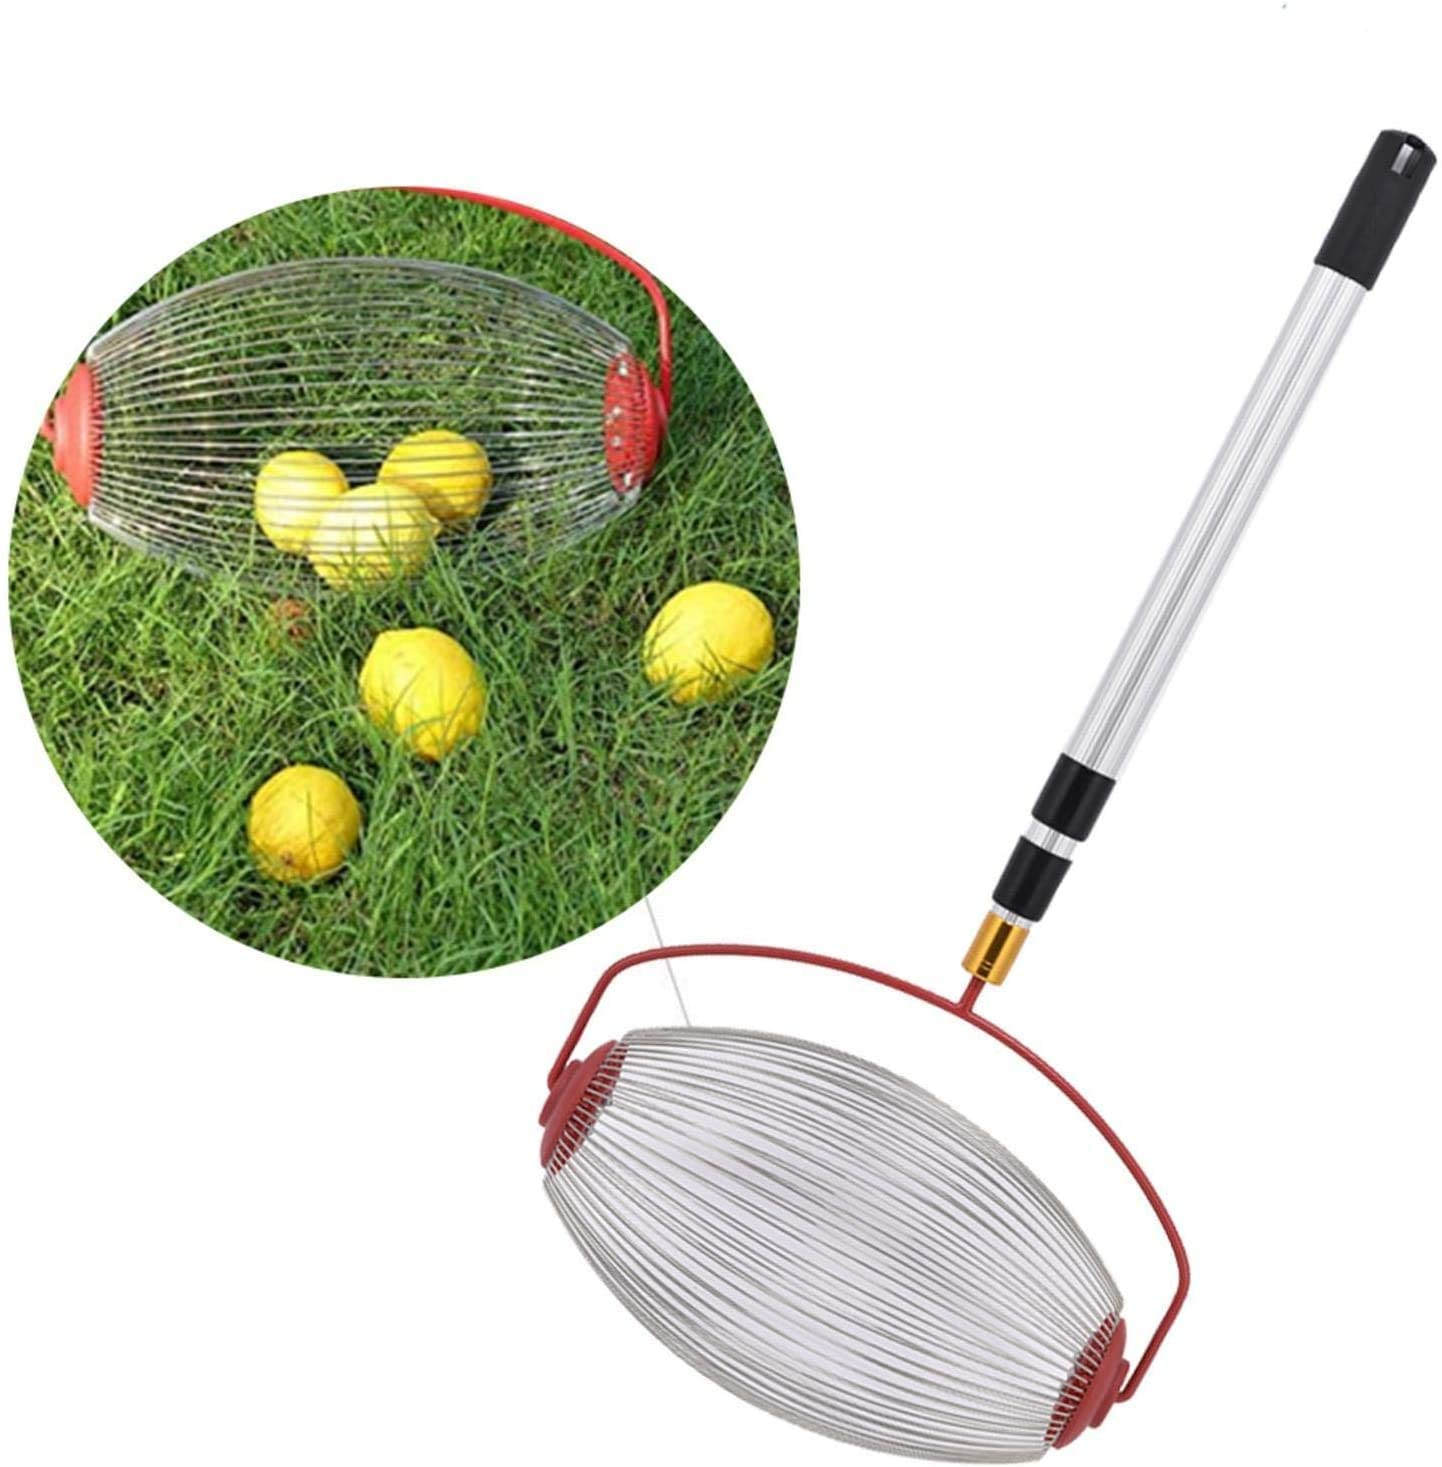 Сборщик орехов верхний для грецких орехов, орехов, маленький фруктовый комбайн, мяч, для тенниса, для скручивания орехов, для сада